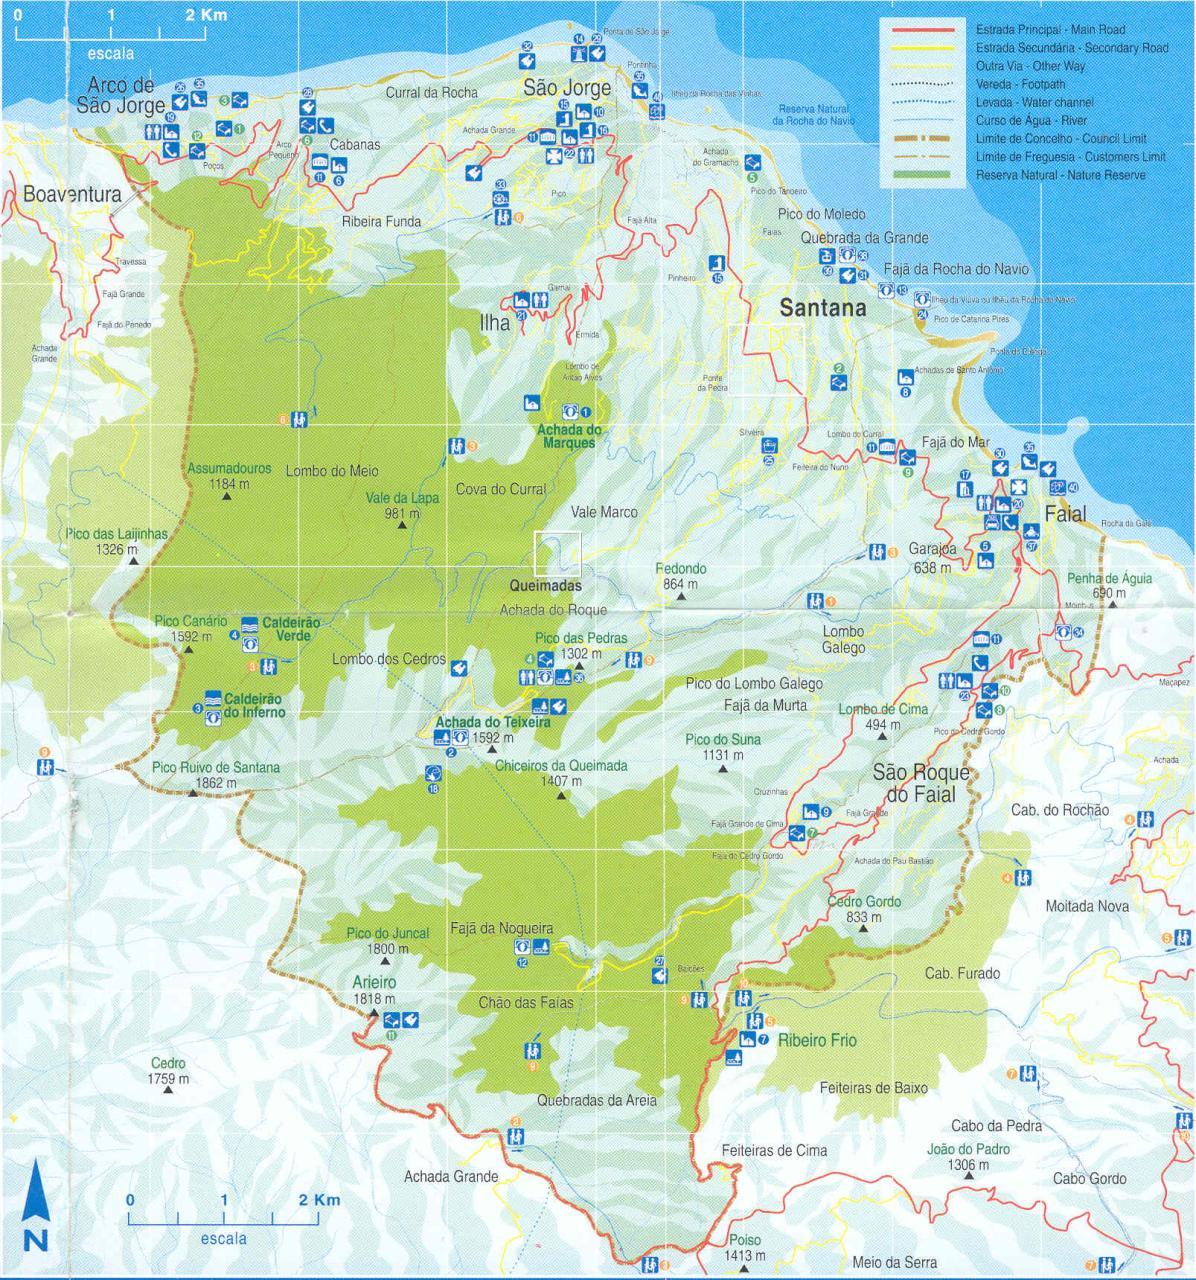 mapa santana madeira Casas típicas de Santana, Madeira   Dobrar Fronteiras mapa santana madeira